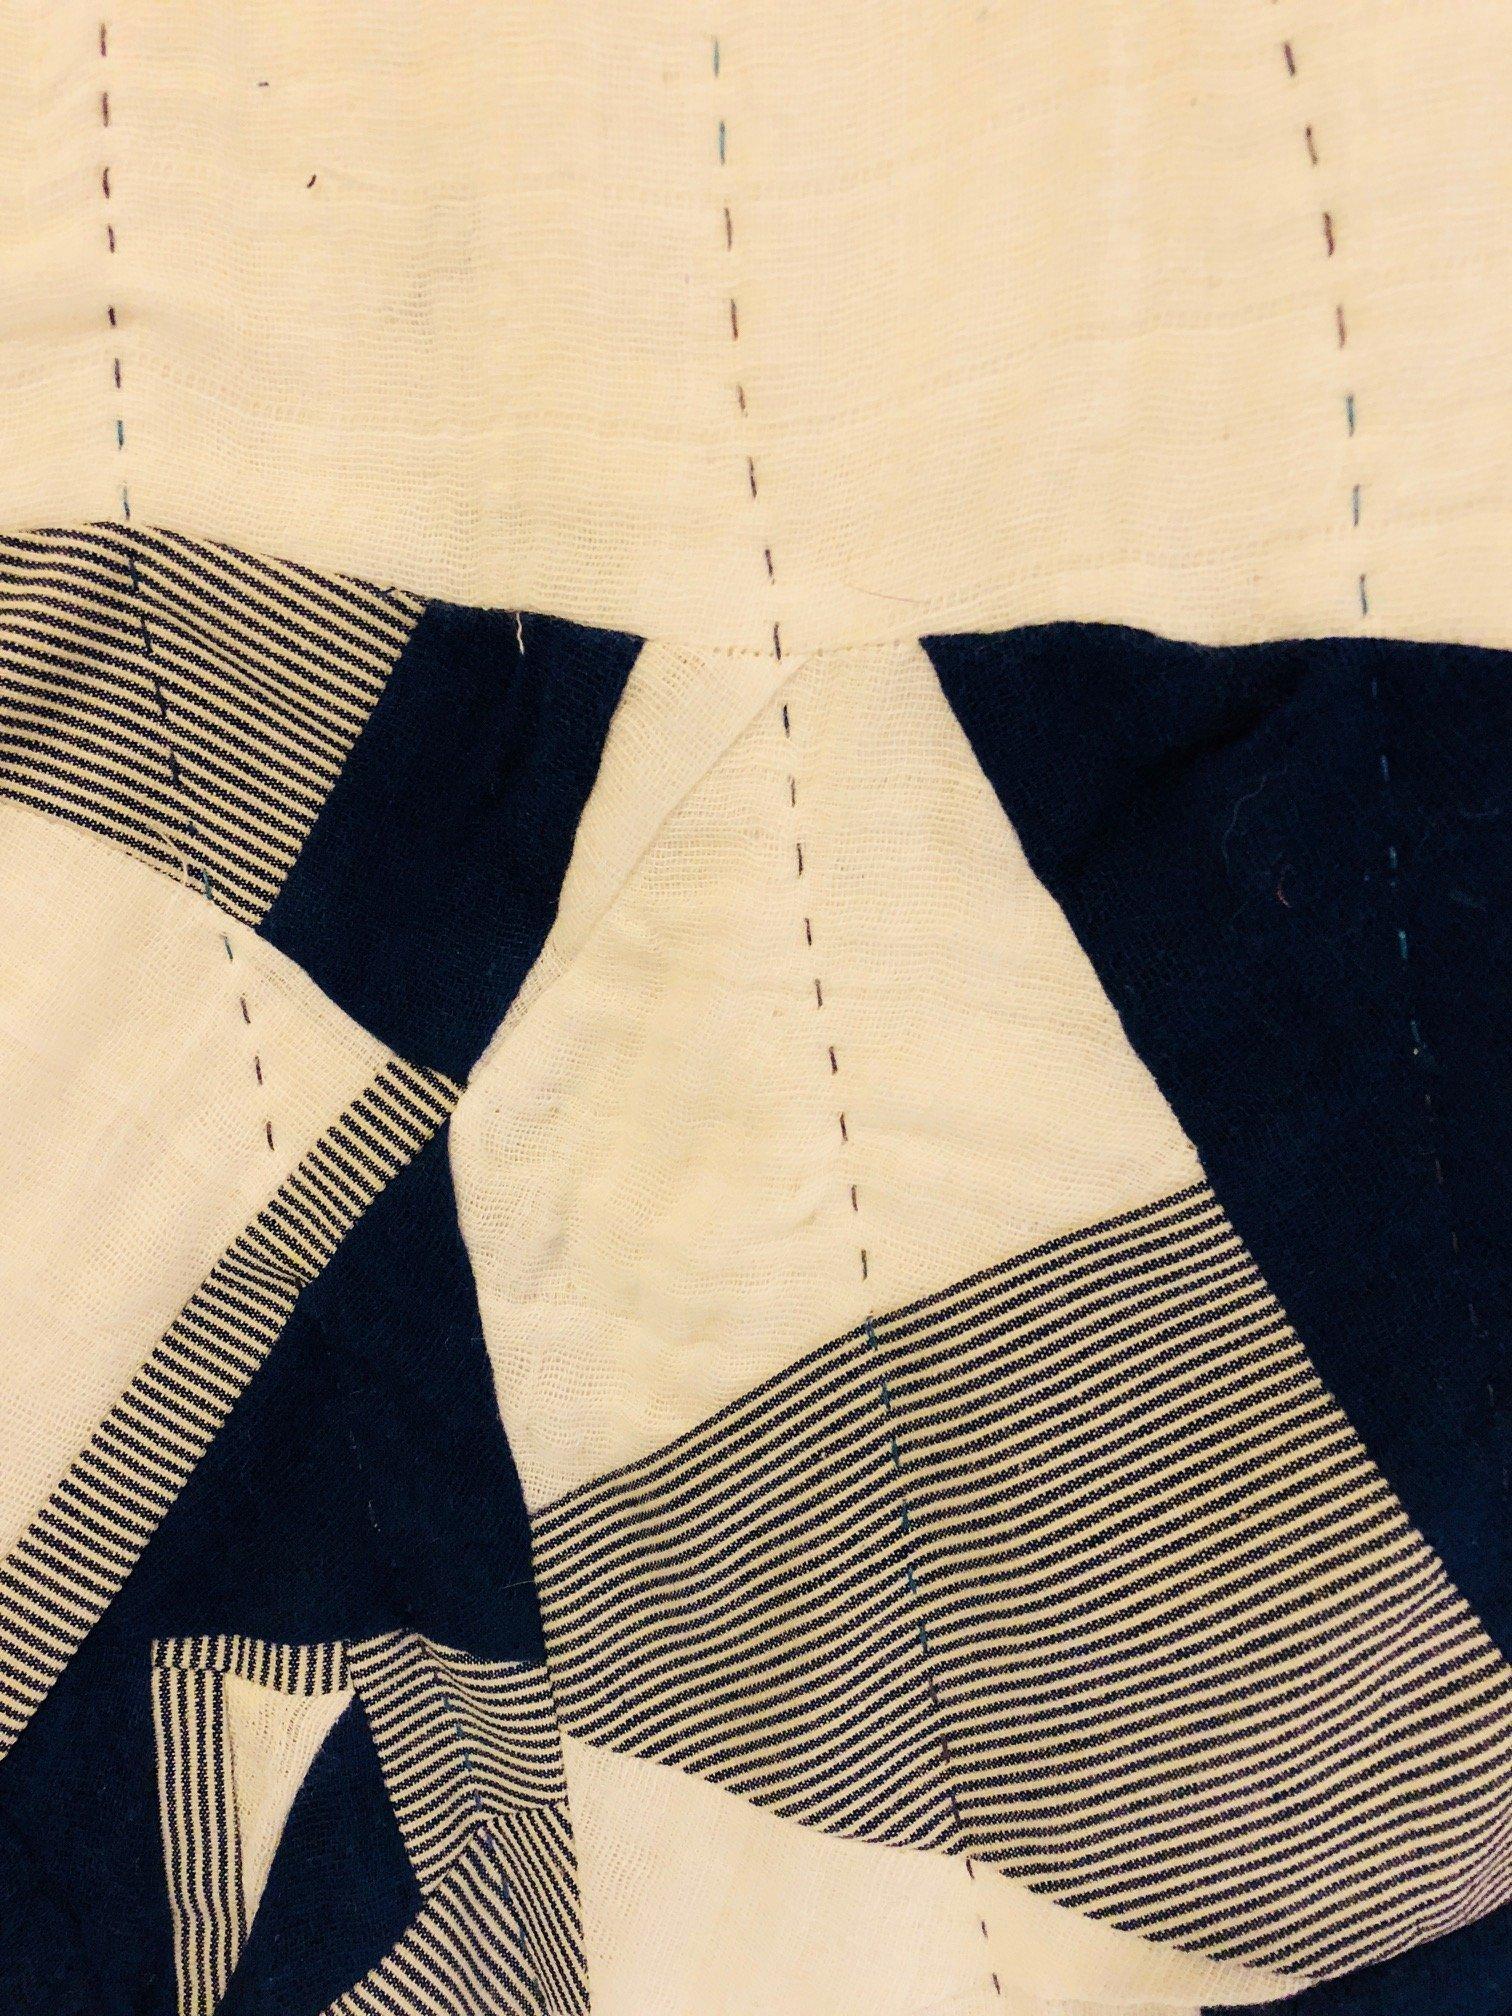 Embrace Double Gauze Improvisational Quilt by RaquelSews- sashiko